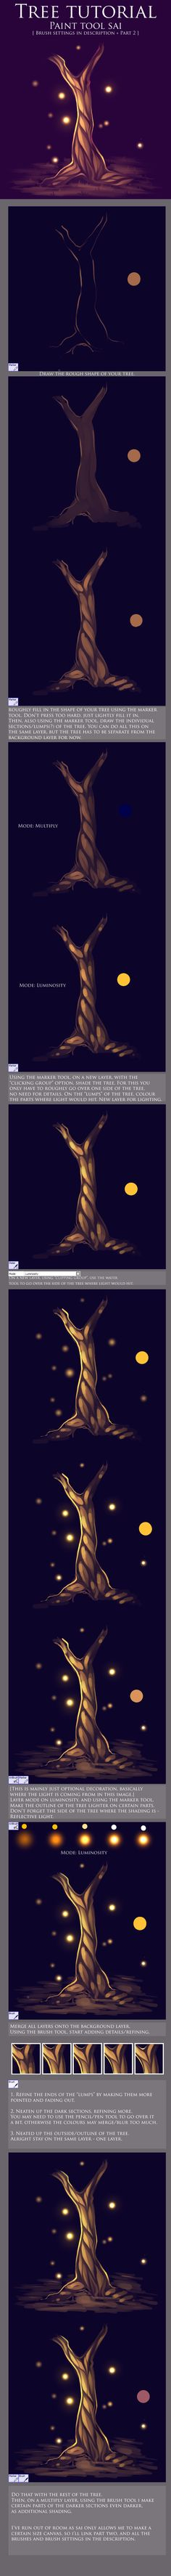 Tree Tutorial by Isihock.deviantart.com on @deviantART